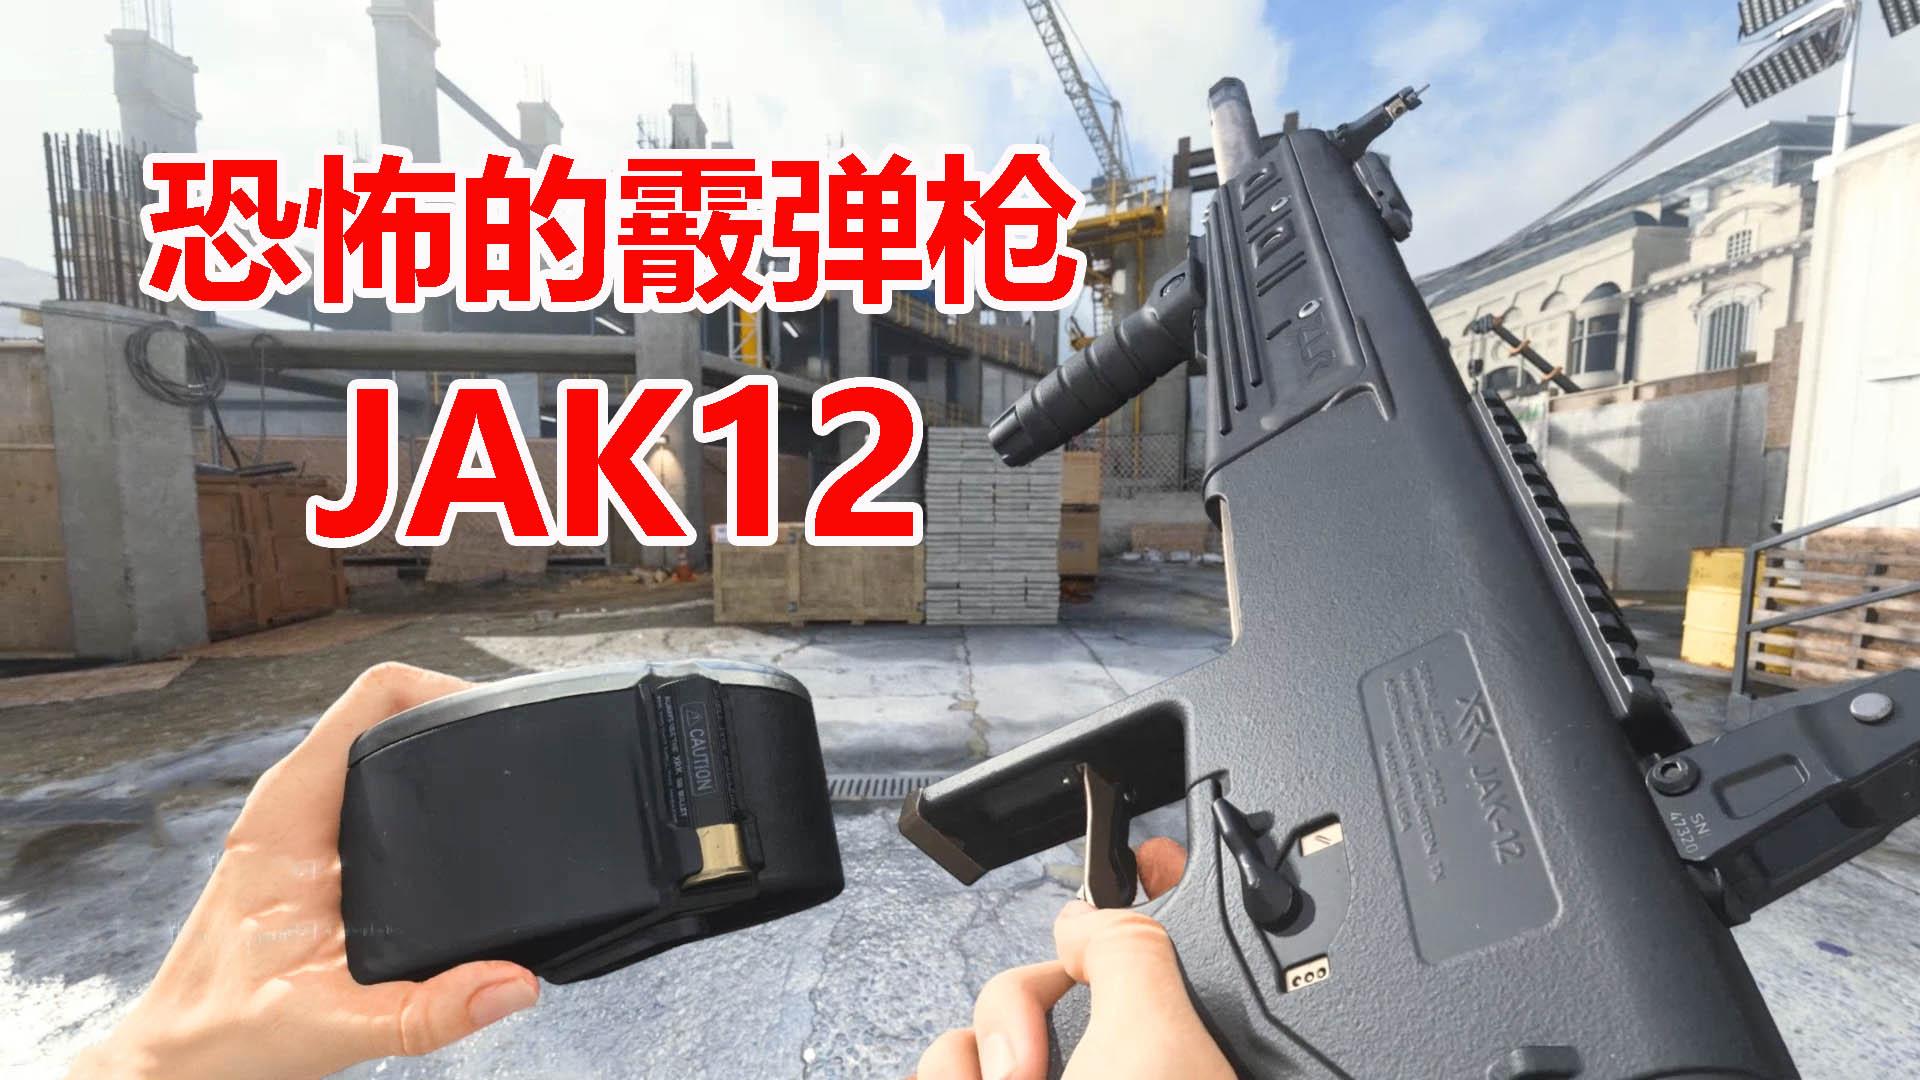 使命召唤16:本赛季最恐怖的霰弹枪JAK12,专治各种不服